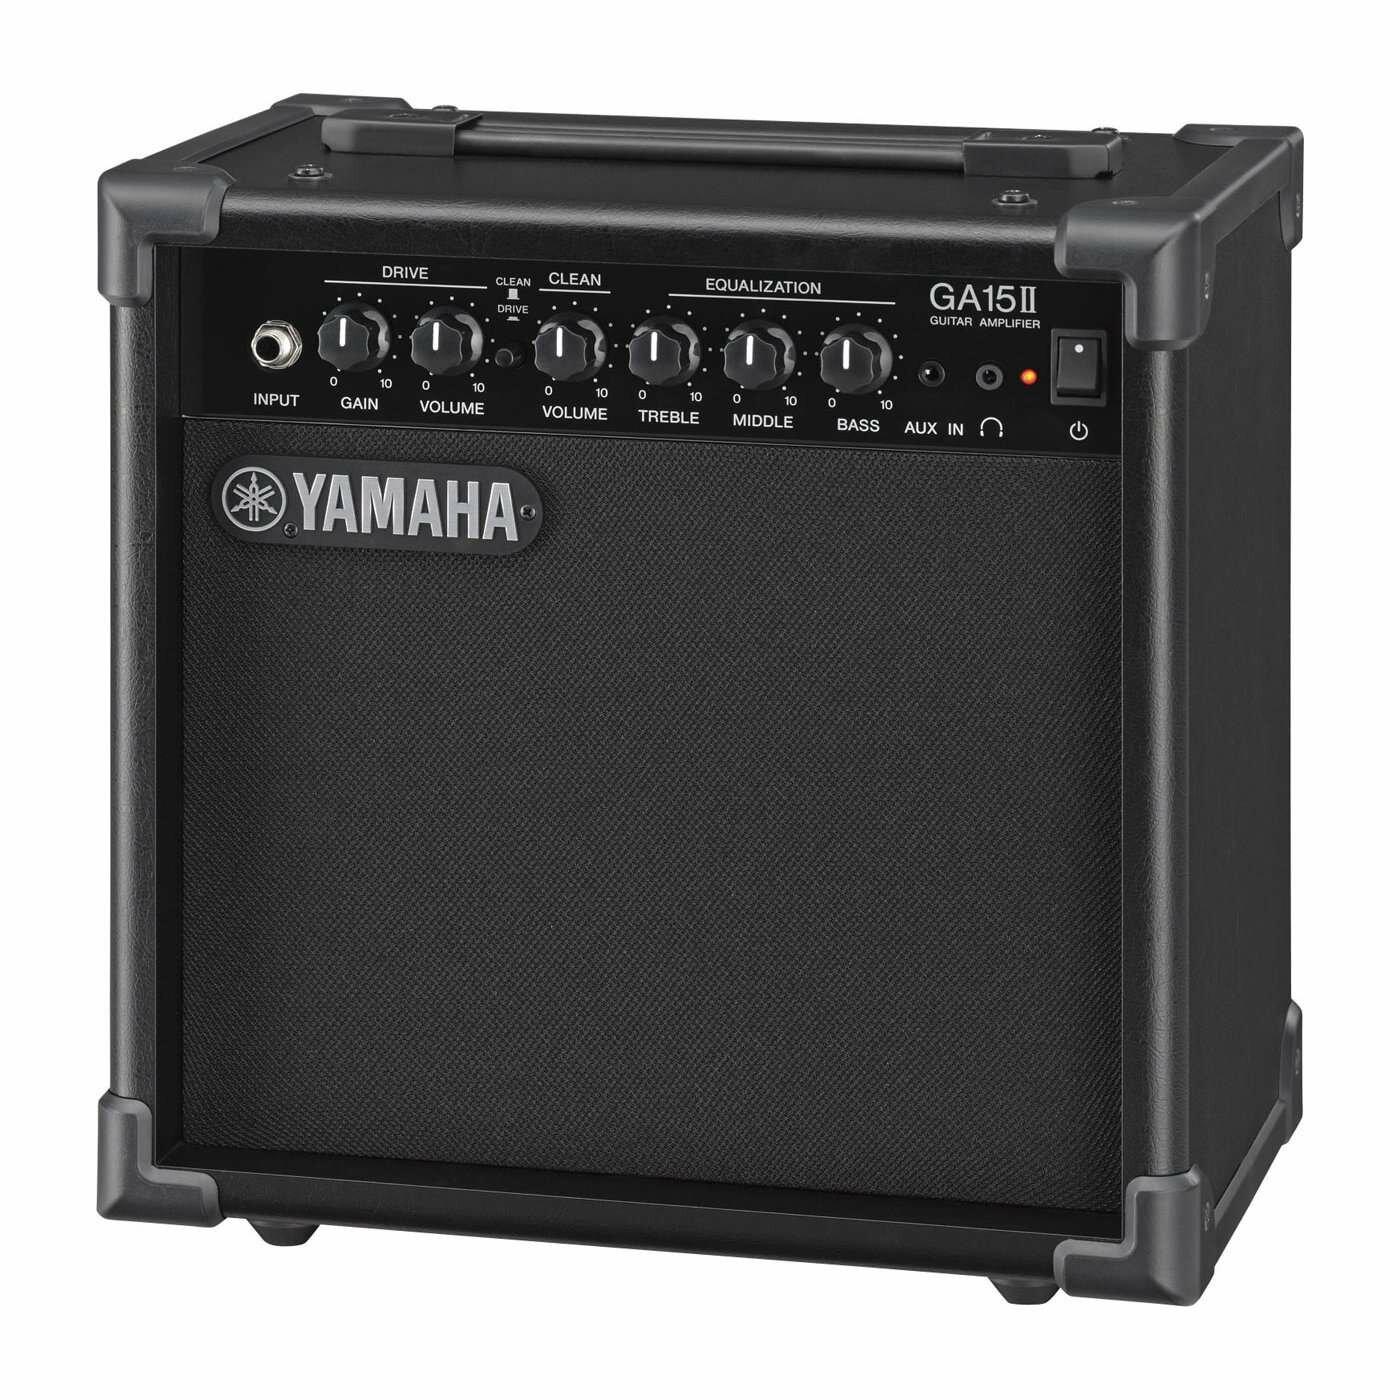 """Yamaha GA15 - гитарный комбо, 15 Вт, 1x6,5"""", 3-пол. экв., вход AUX, выход для наушников"""